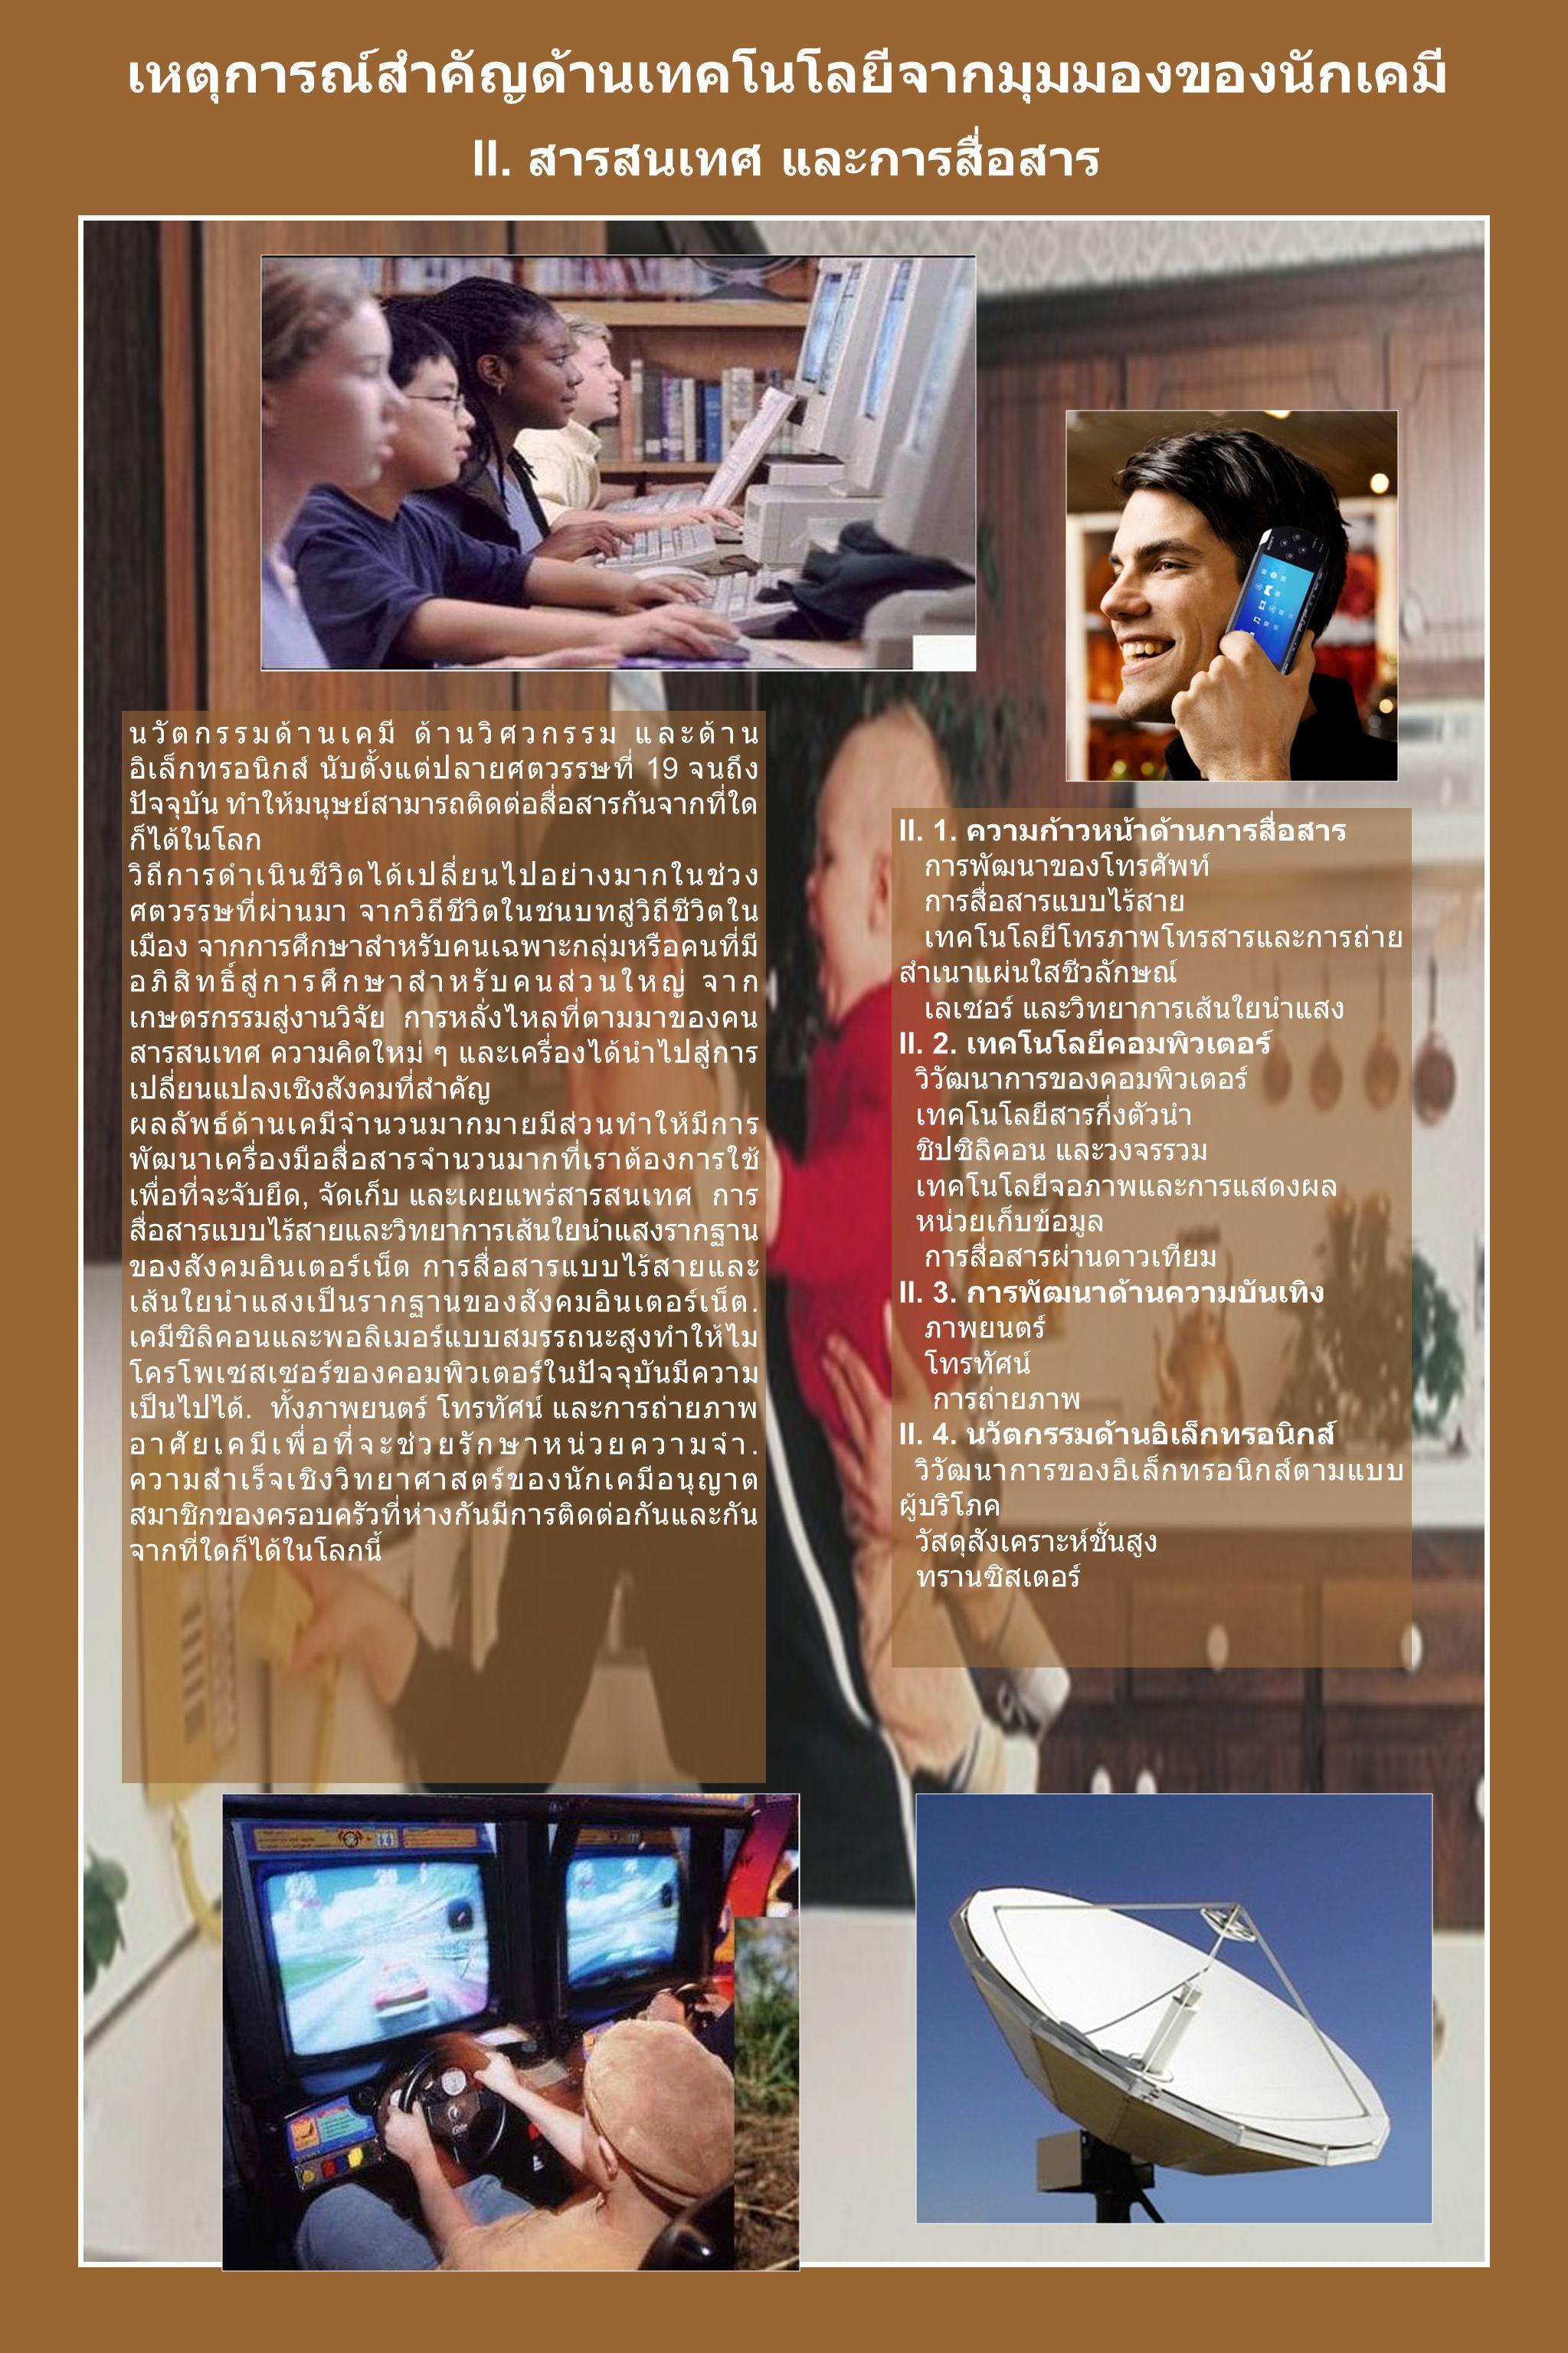 อเล็กซานเดอร์ เกรแฮม เบลล์ แผ่นโฆษณษาภาพยนตร์ เรื่องยาวเรื่องแรก The Jazz Singer, ด้วยเสียงร้องและ เสียงพูดเกิดขึ้นในเวลา เดียวกัน ฟิโล ที ฟาร์นเวิร์ธ และ หลอดรังสี แคโทด ENIAC ทรานซิสเตอร์ ตัวแรก วงจรรวมตัวแรก ชิปซิลิคอน เทลสตาร์ โกดัก - อินสตาเม ติก ไมโครโพเซสเซอร์ แบบ 4 บิต รุ่น 4004 ของบริษัท อินเทล การติดตั้ง เส้นใยนำแสง ใน เมืองชิคาโก ลำดับเวลา 2419 อเล็กซานเดอร์ เกรแฮม เบลล์ ประสบ ความสำเร็จในการใช้โทรศัพท์เป็นครั้งแรก 2469 พี่น้องตระกูลวอร์เนอร์ ทำภาพยนตร์เรื่องแรกที่มี เสียงและเพลงเกิดขึ้นในเวลาเดียวกัน 2469 การสนทนาแบบสองทางที่เกิดขึ้นเป็นครั้งแรก ถูกถ่ายทอดข้ามมหาสมุทรแอตแลนติก 2470 ฟิโล ที ฟาร์นเวิร์ธ กระจายภาพโทรทัศน์ครั้ง แรกโดยการใช้ หลอดภาพ CRT หรือหลอดรังสี แคโทด 2489 เครื่องคอมพิวเตอร์อิเล็กทรอนิกส์เครื่องแรกที่ ชื่อว่า ENIAC เริ่มปฏิบัติการ.